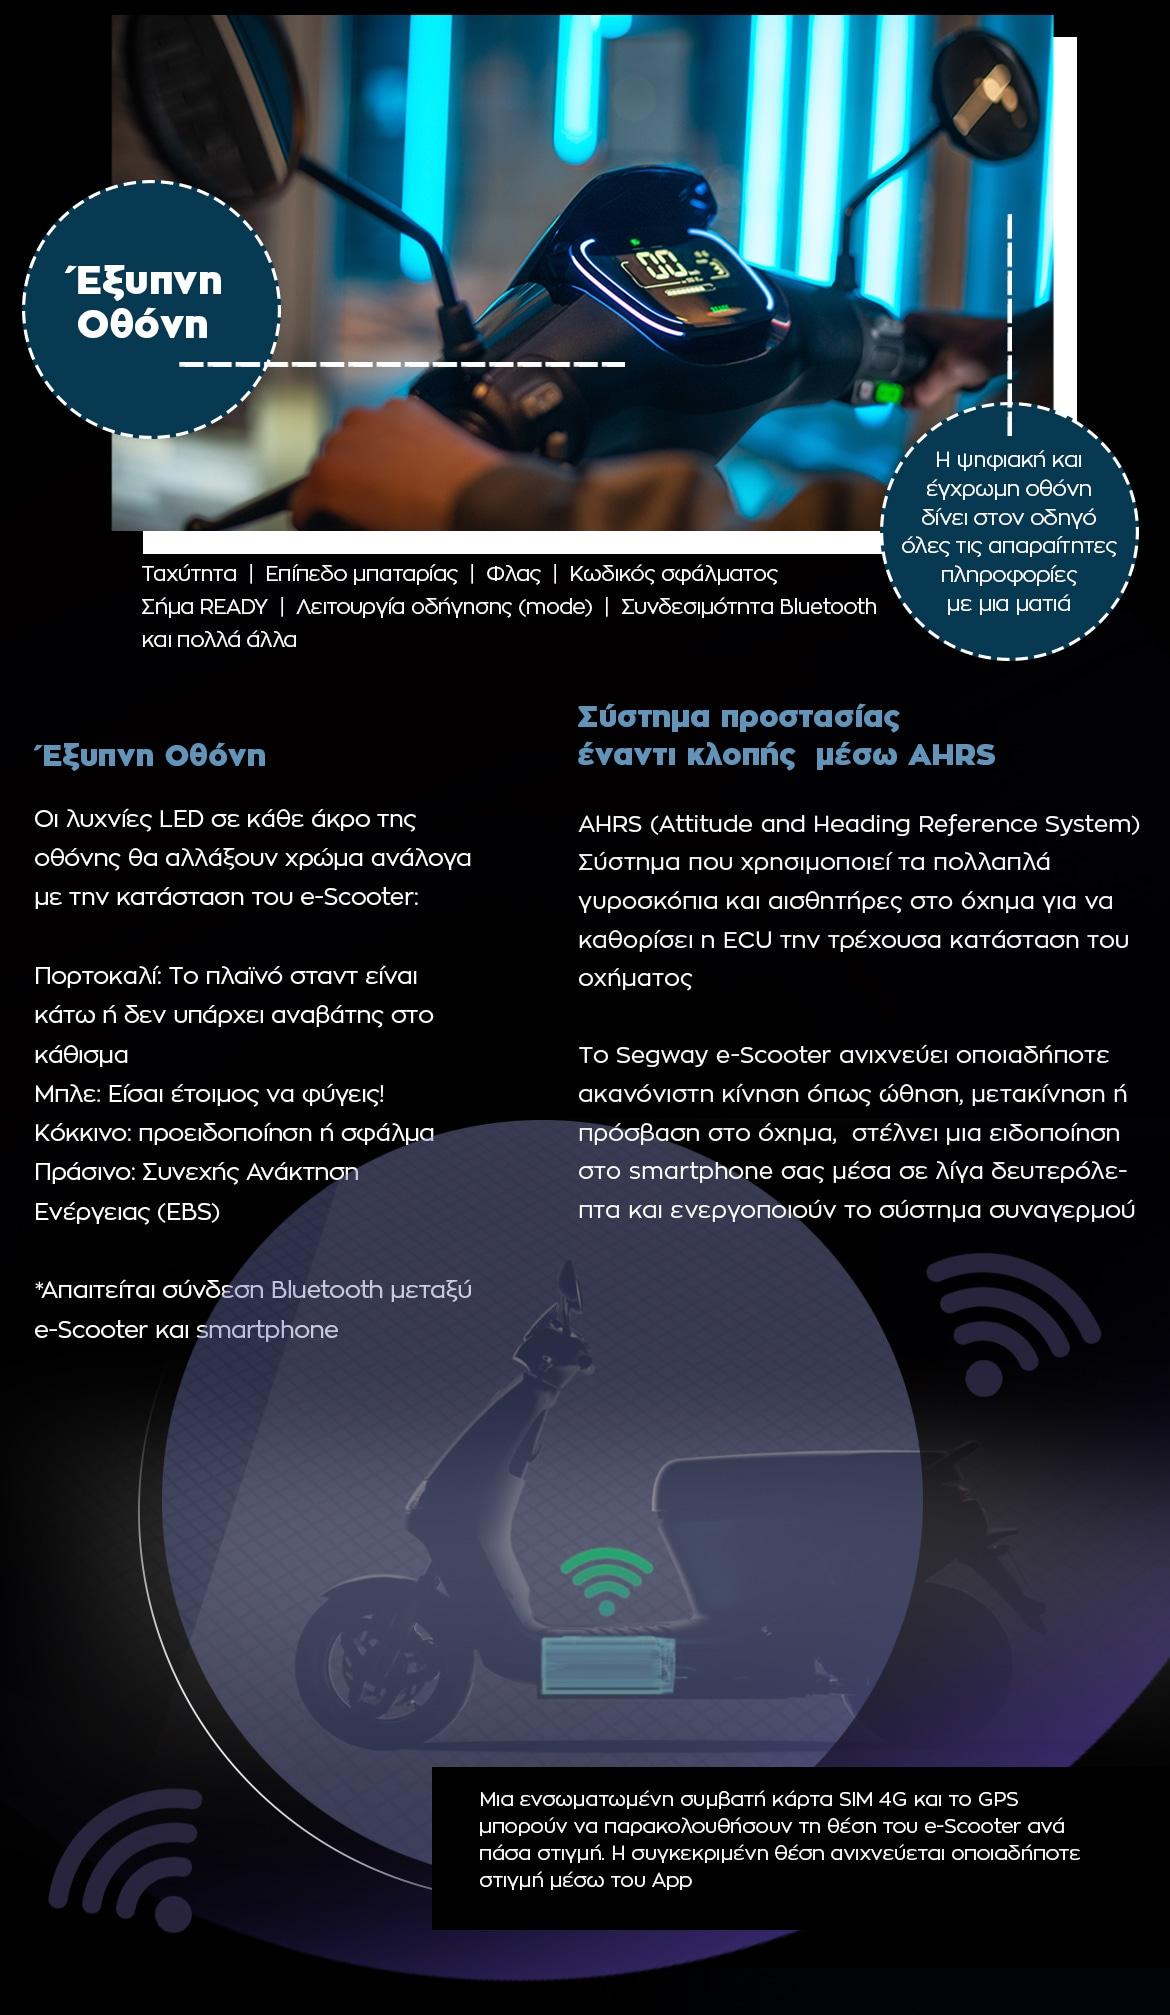 Έξυπνη οθόνη - Σύστημα προστασίας έναντι κλοπής μέσω AHRS